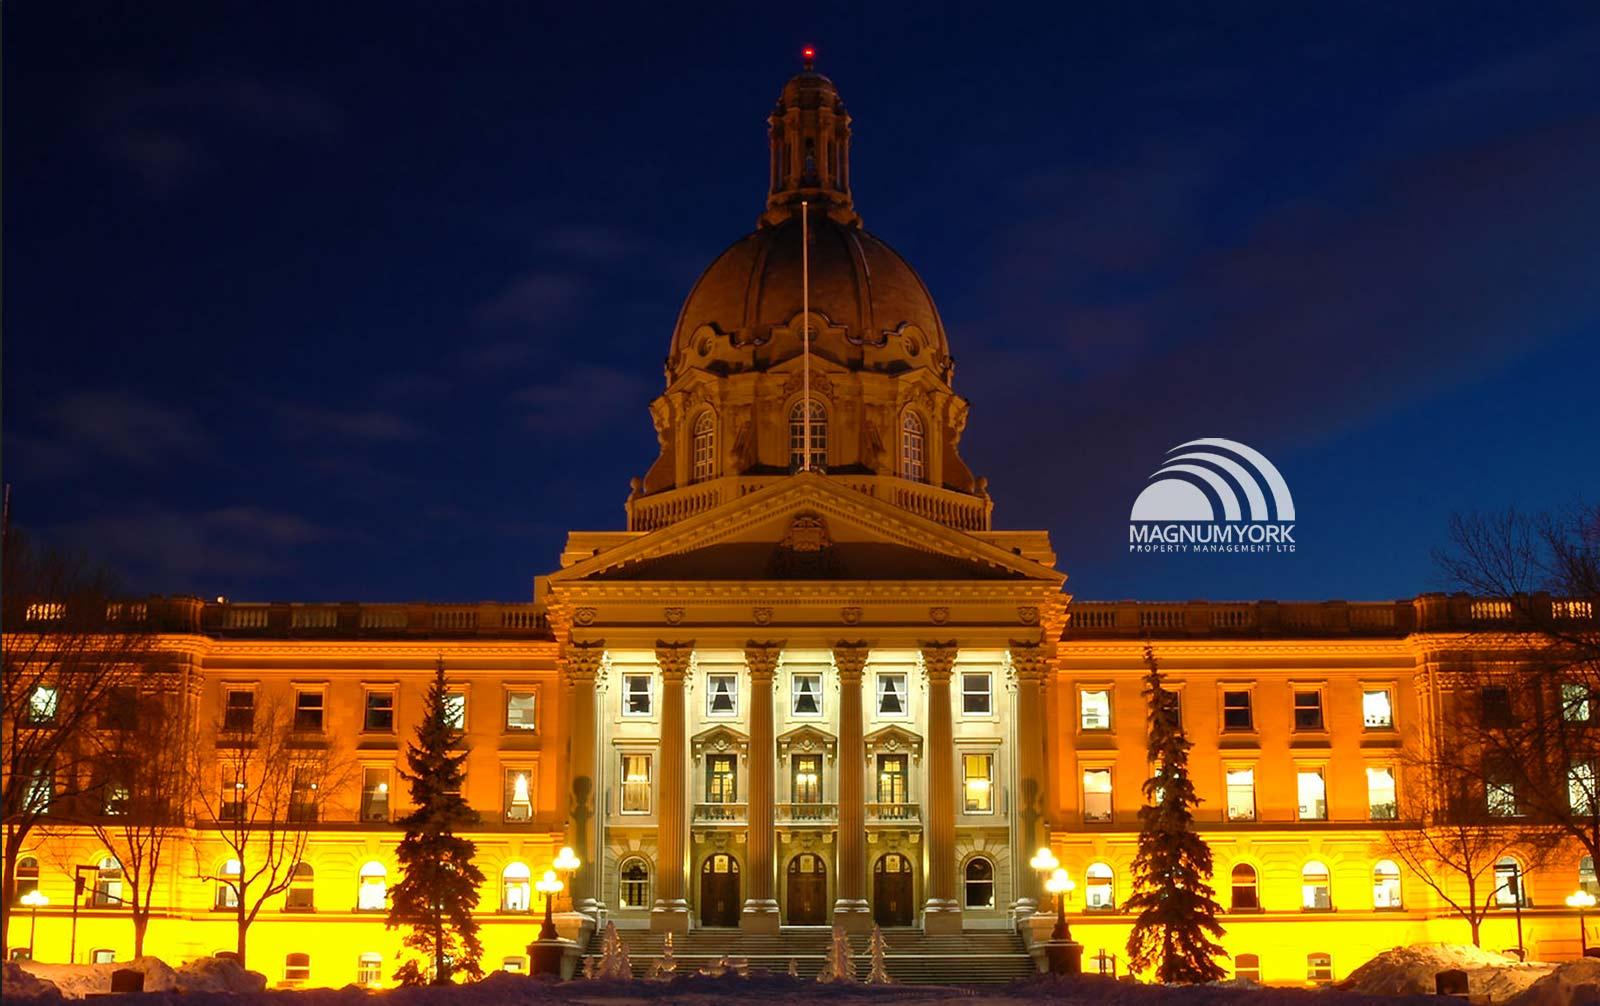 Alberta Legislature Bill 20, The Amendment To Real Estate Act, 2020